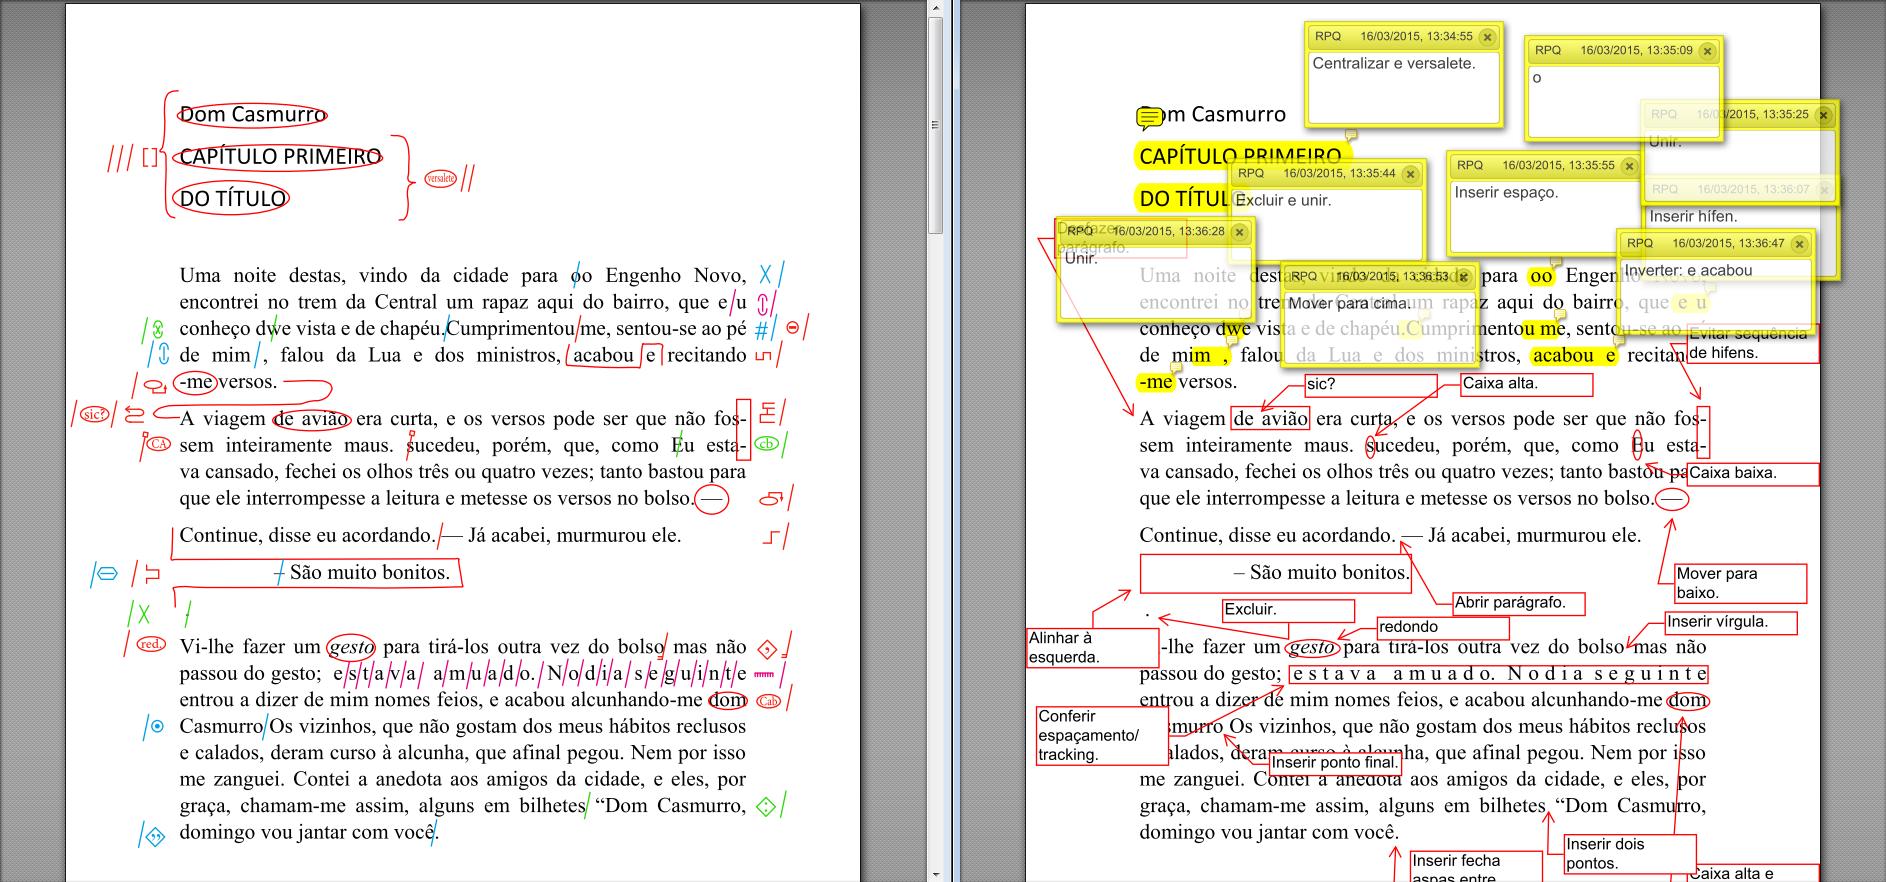 Diferença entre sinais de revisão e balões no PDF